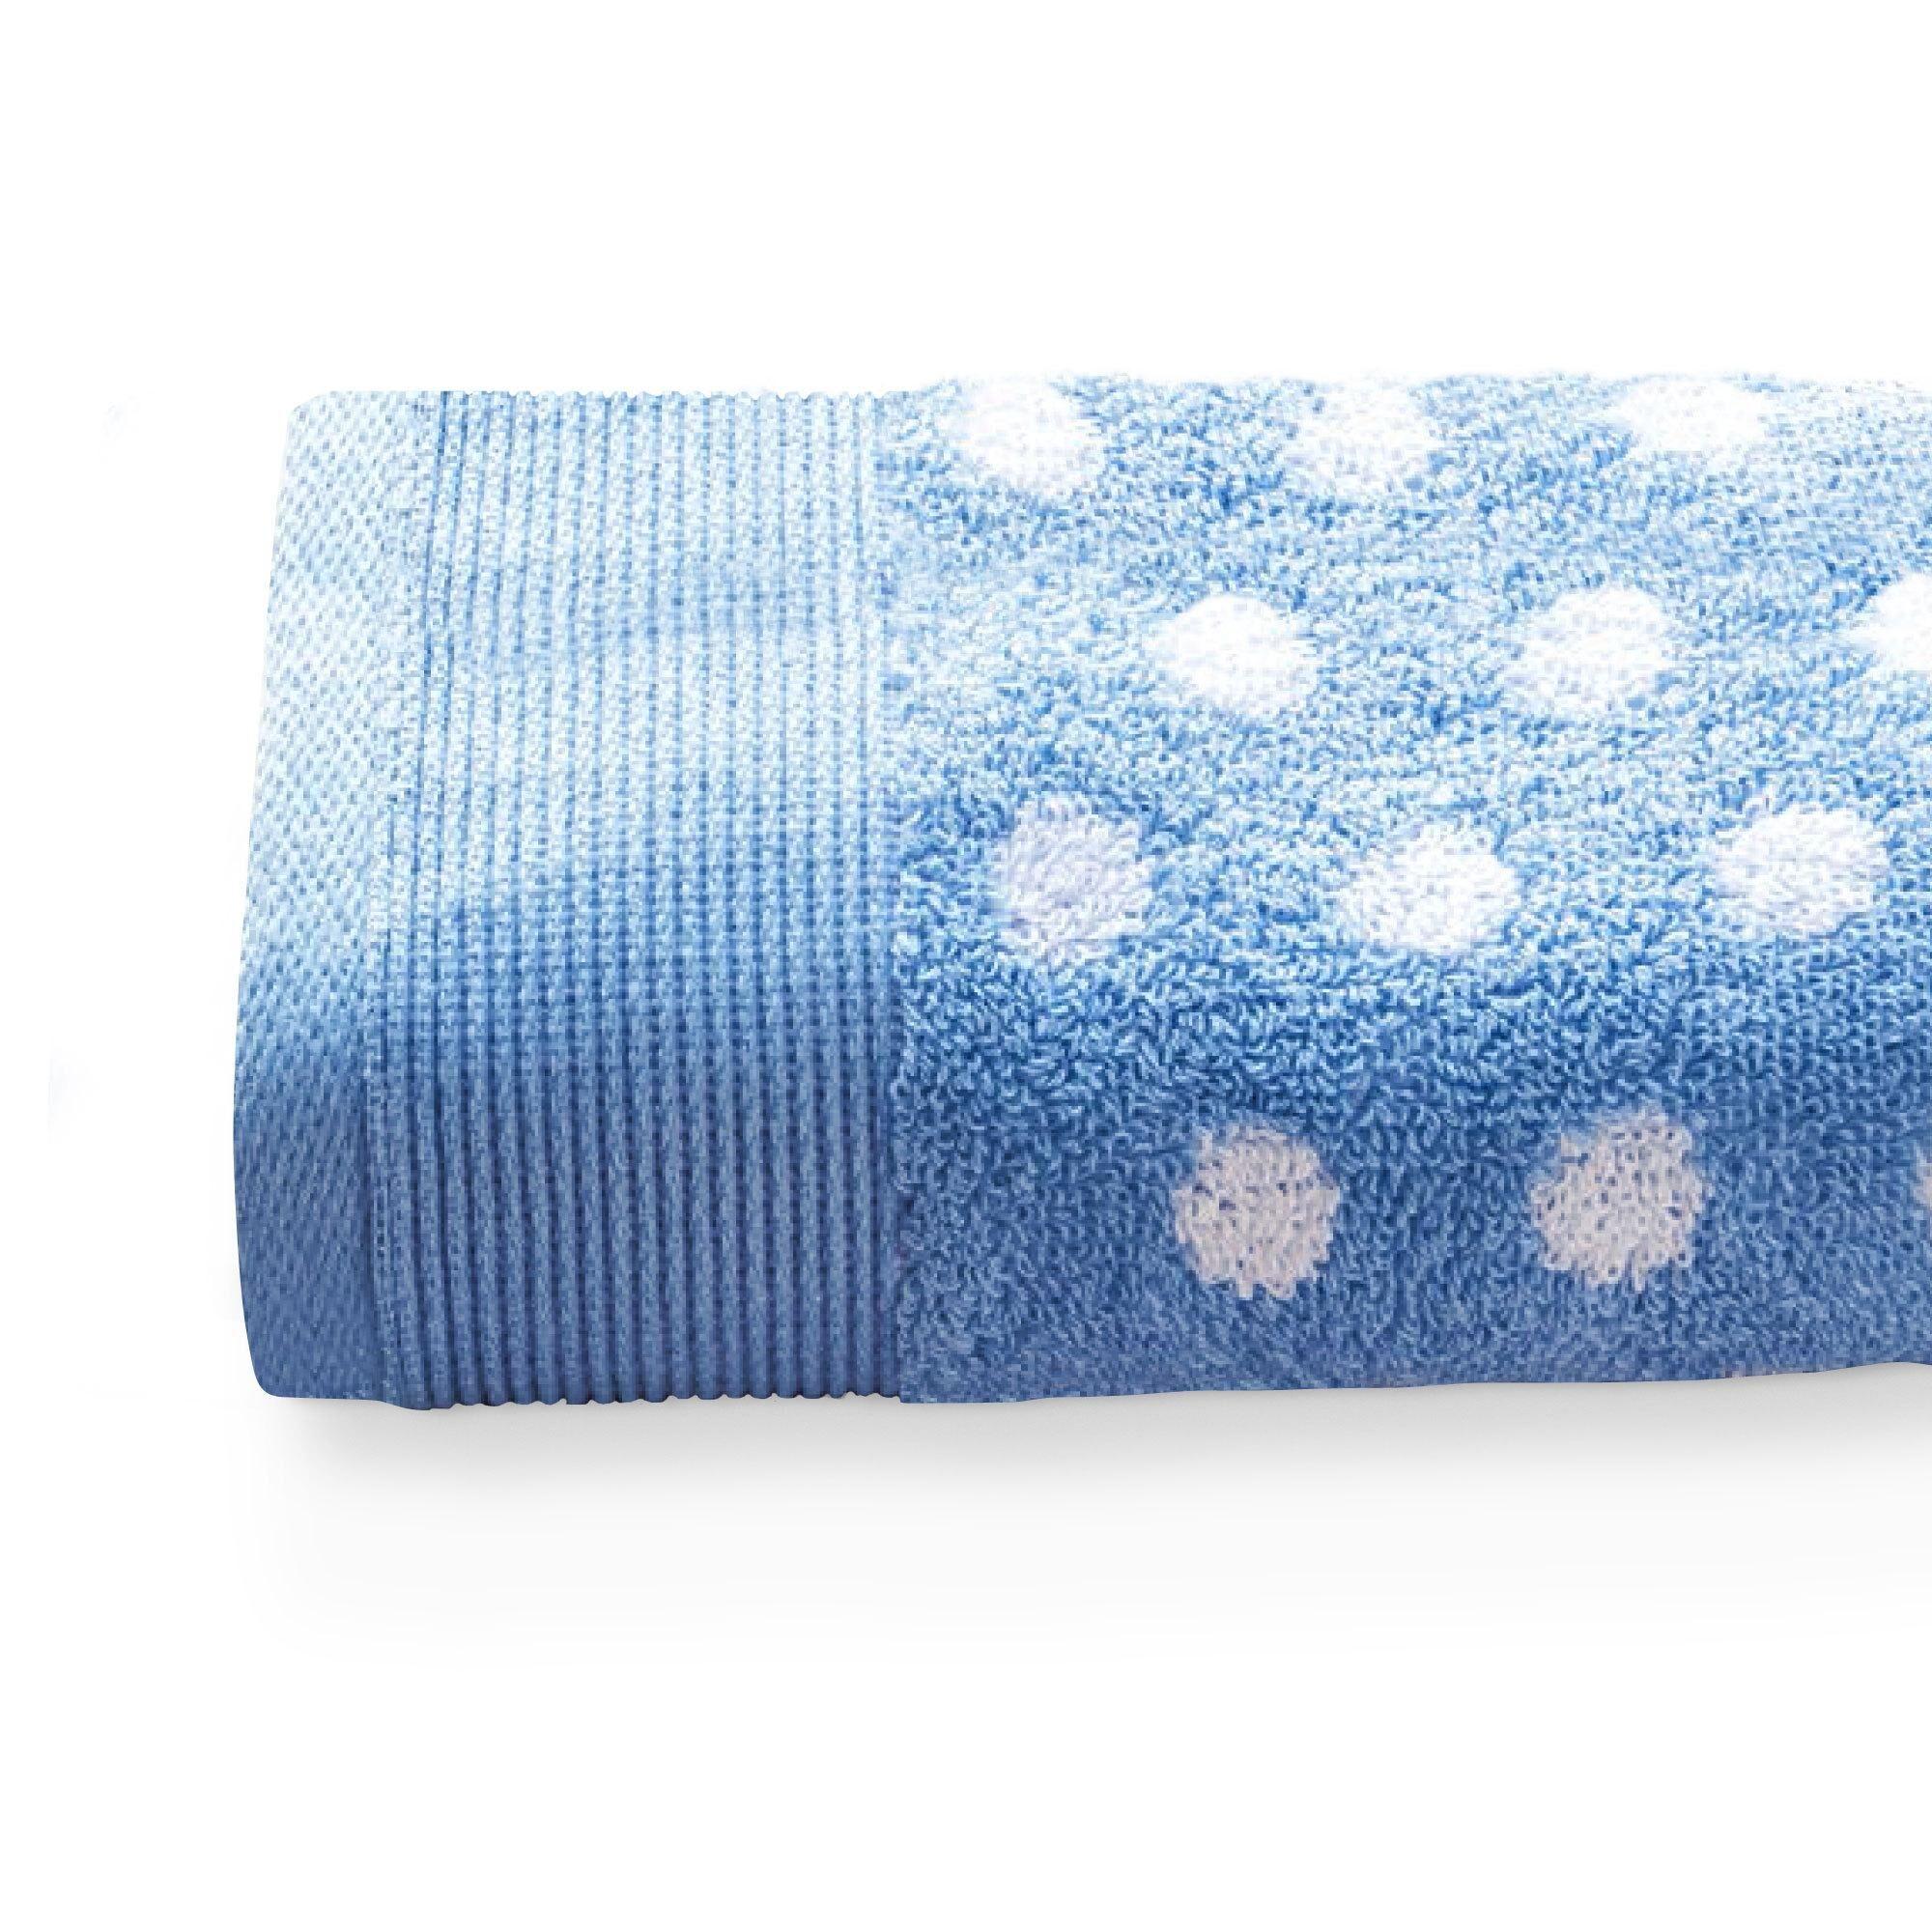 Linnea Serviette invité 33x50 cm DOMINO Bleu 550 g/m2